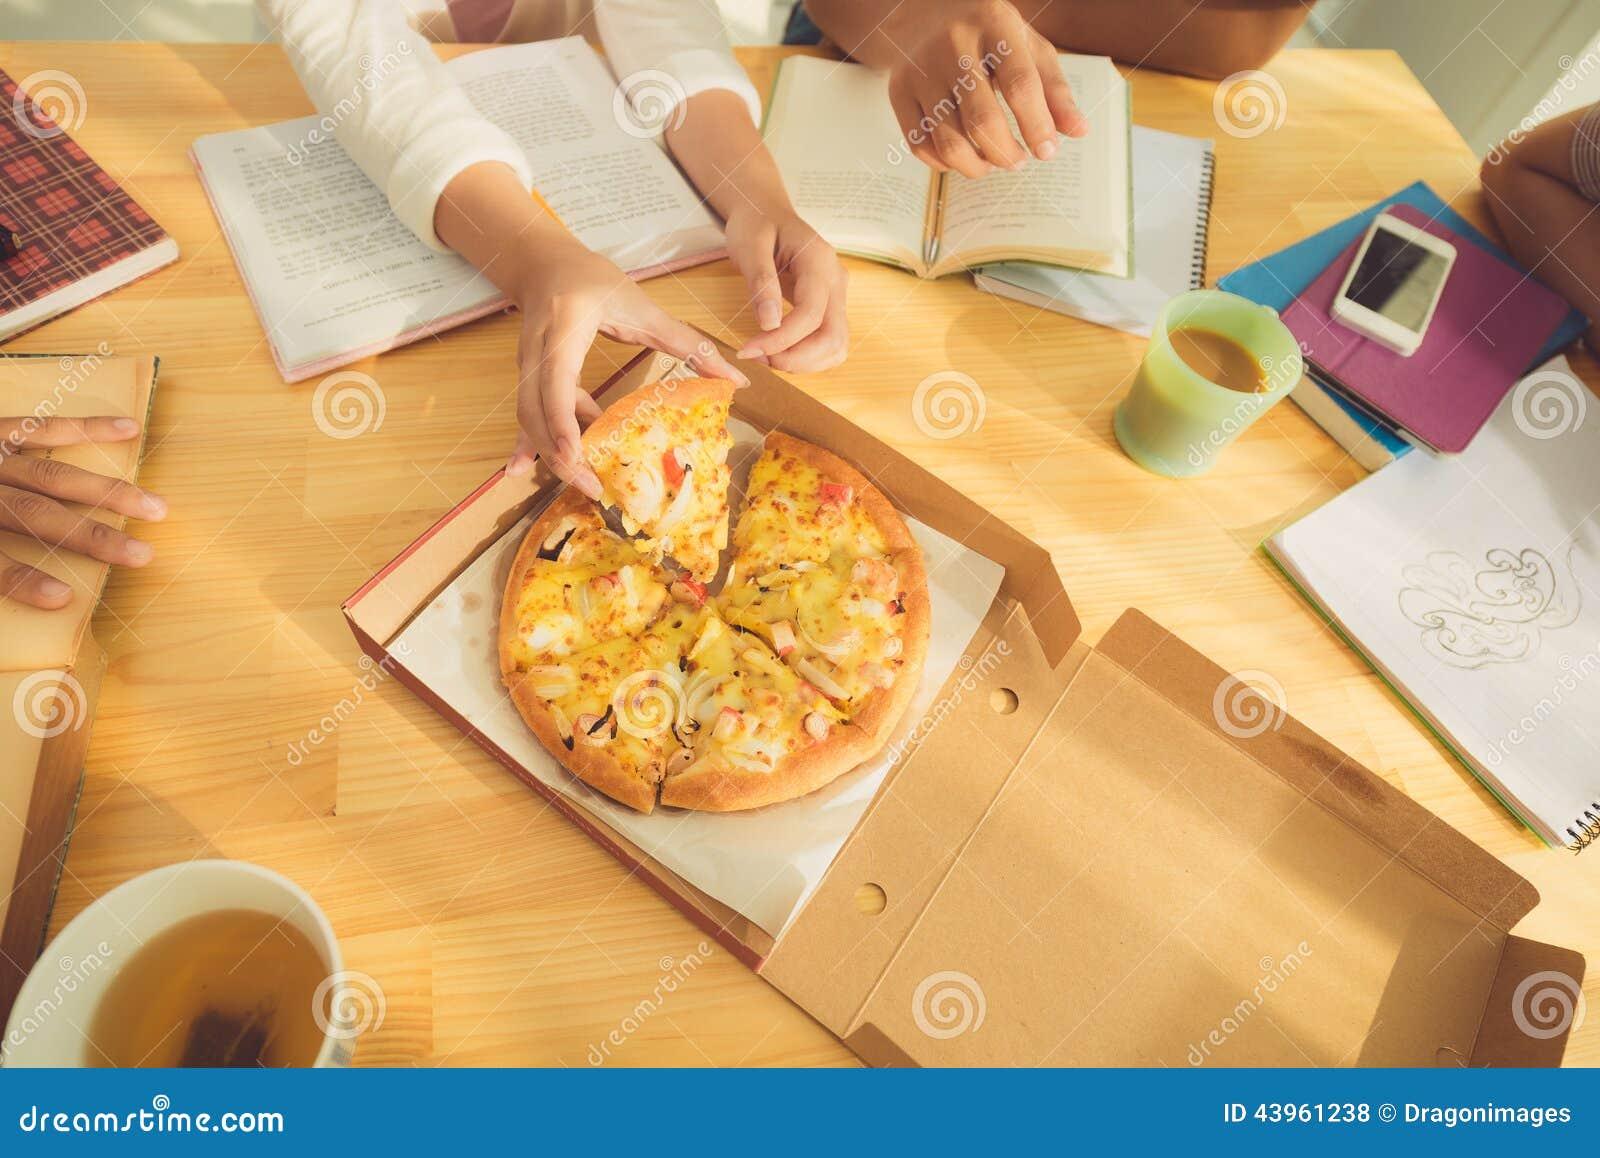 Essen der Pizza